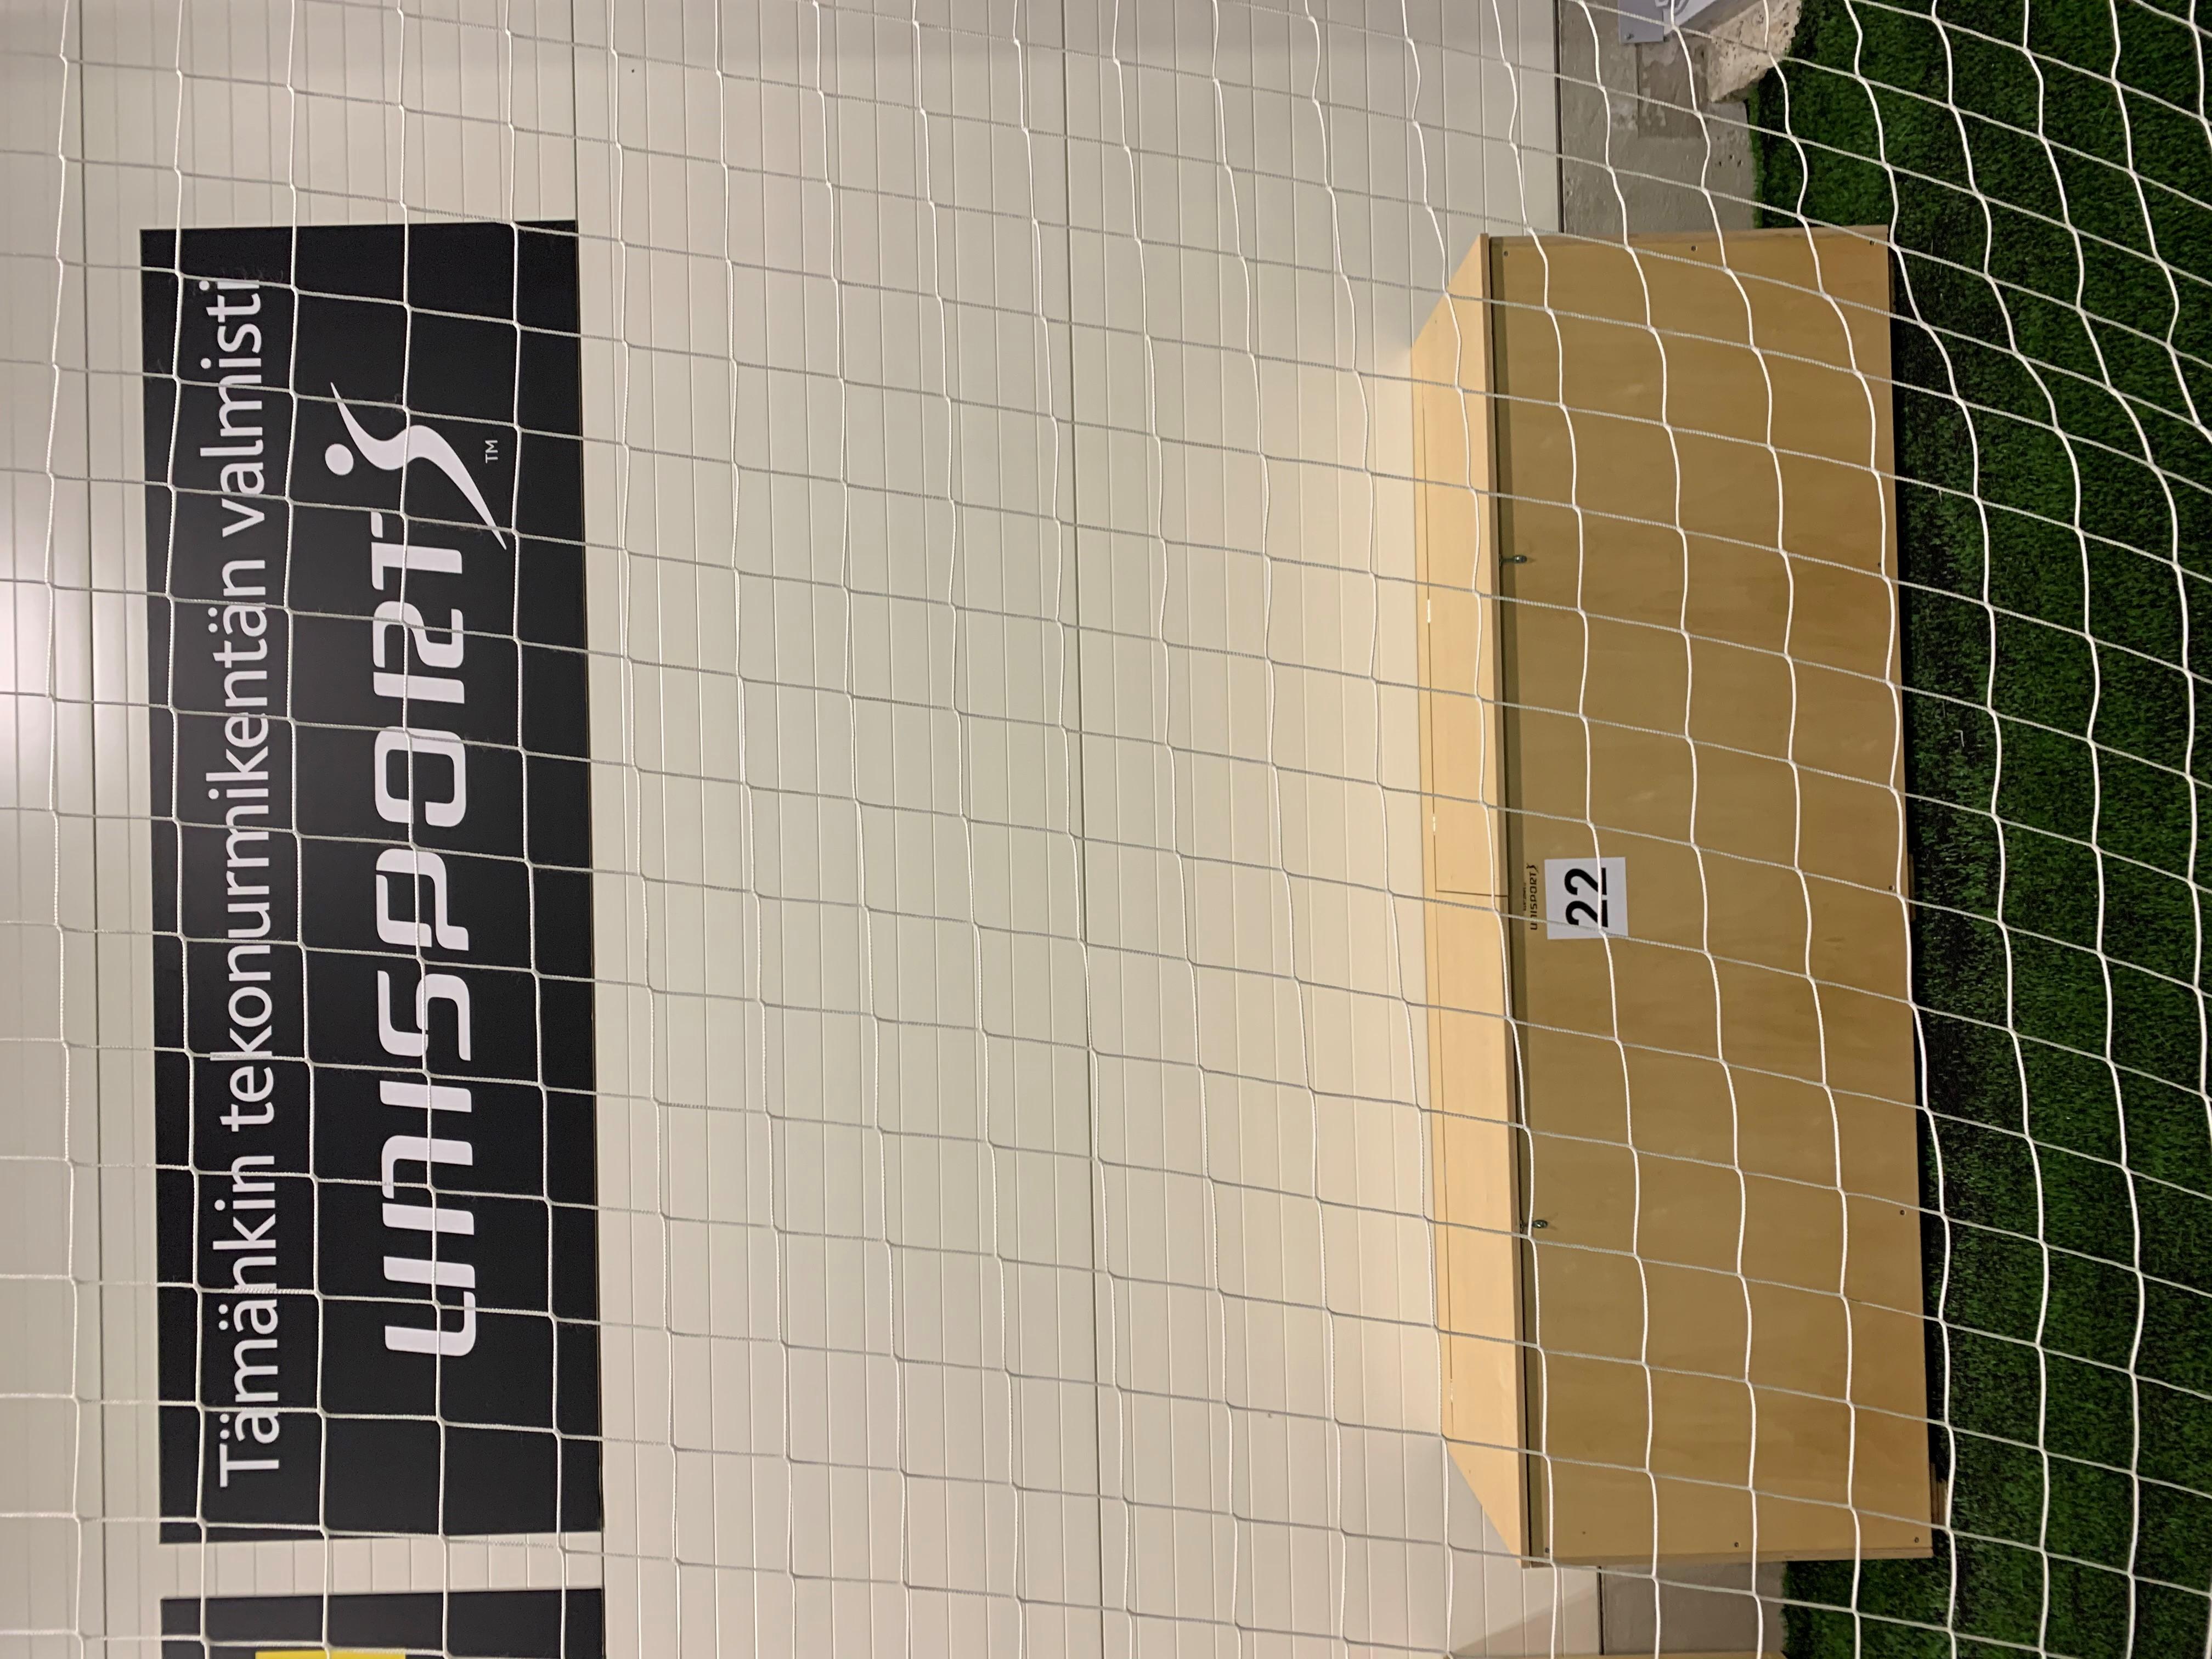 Unisport - Valkeakosken palloilluhalli